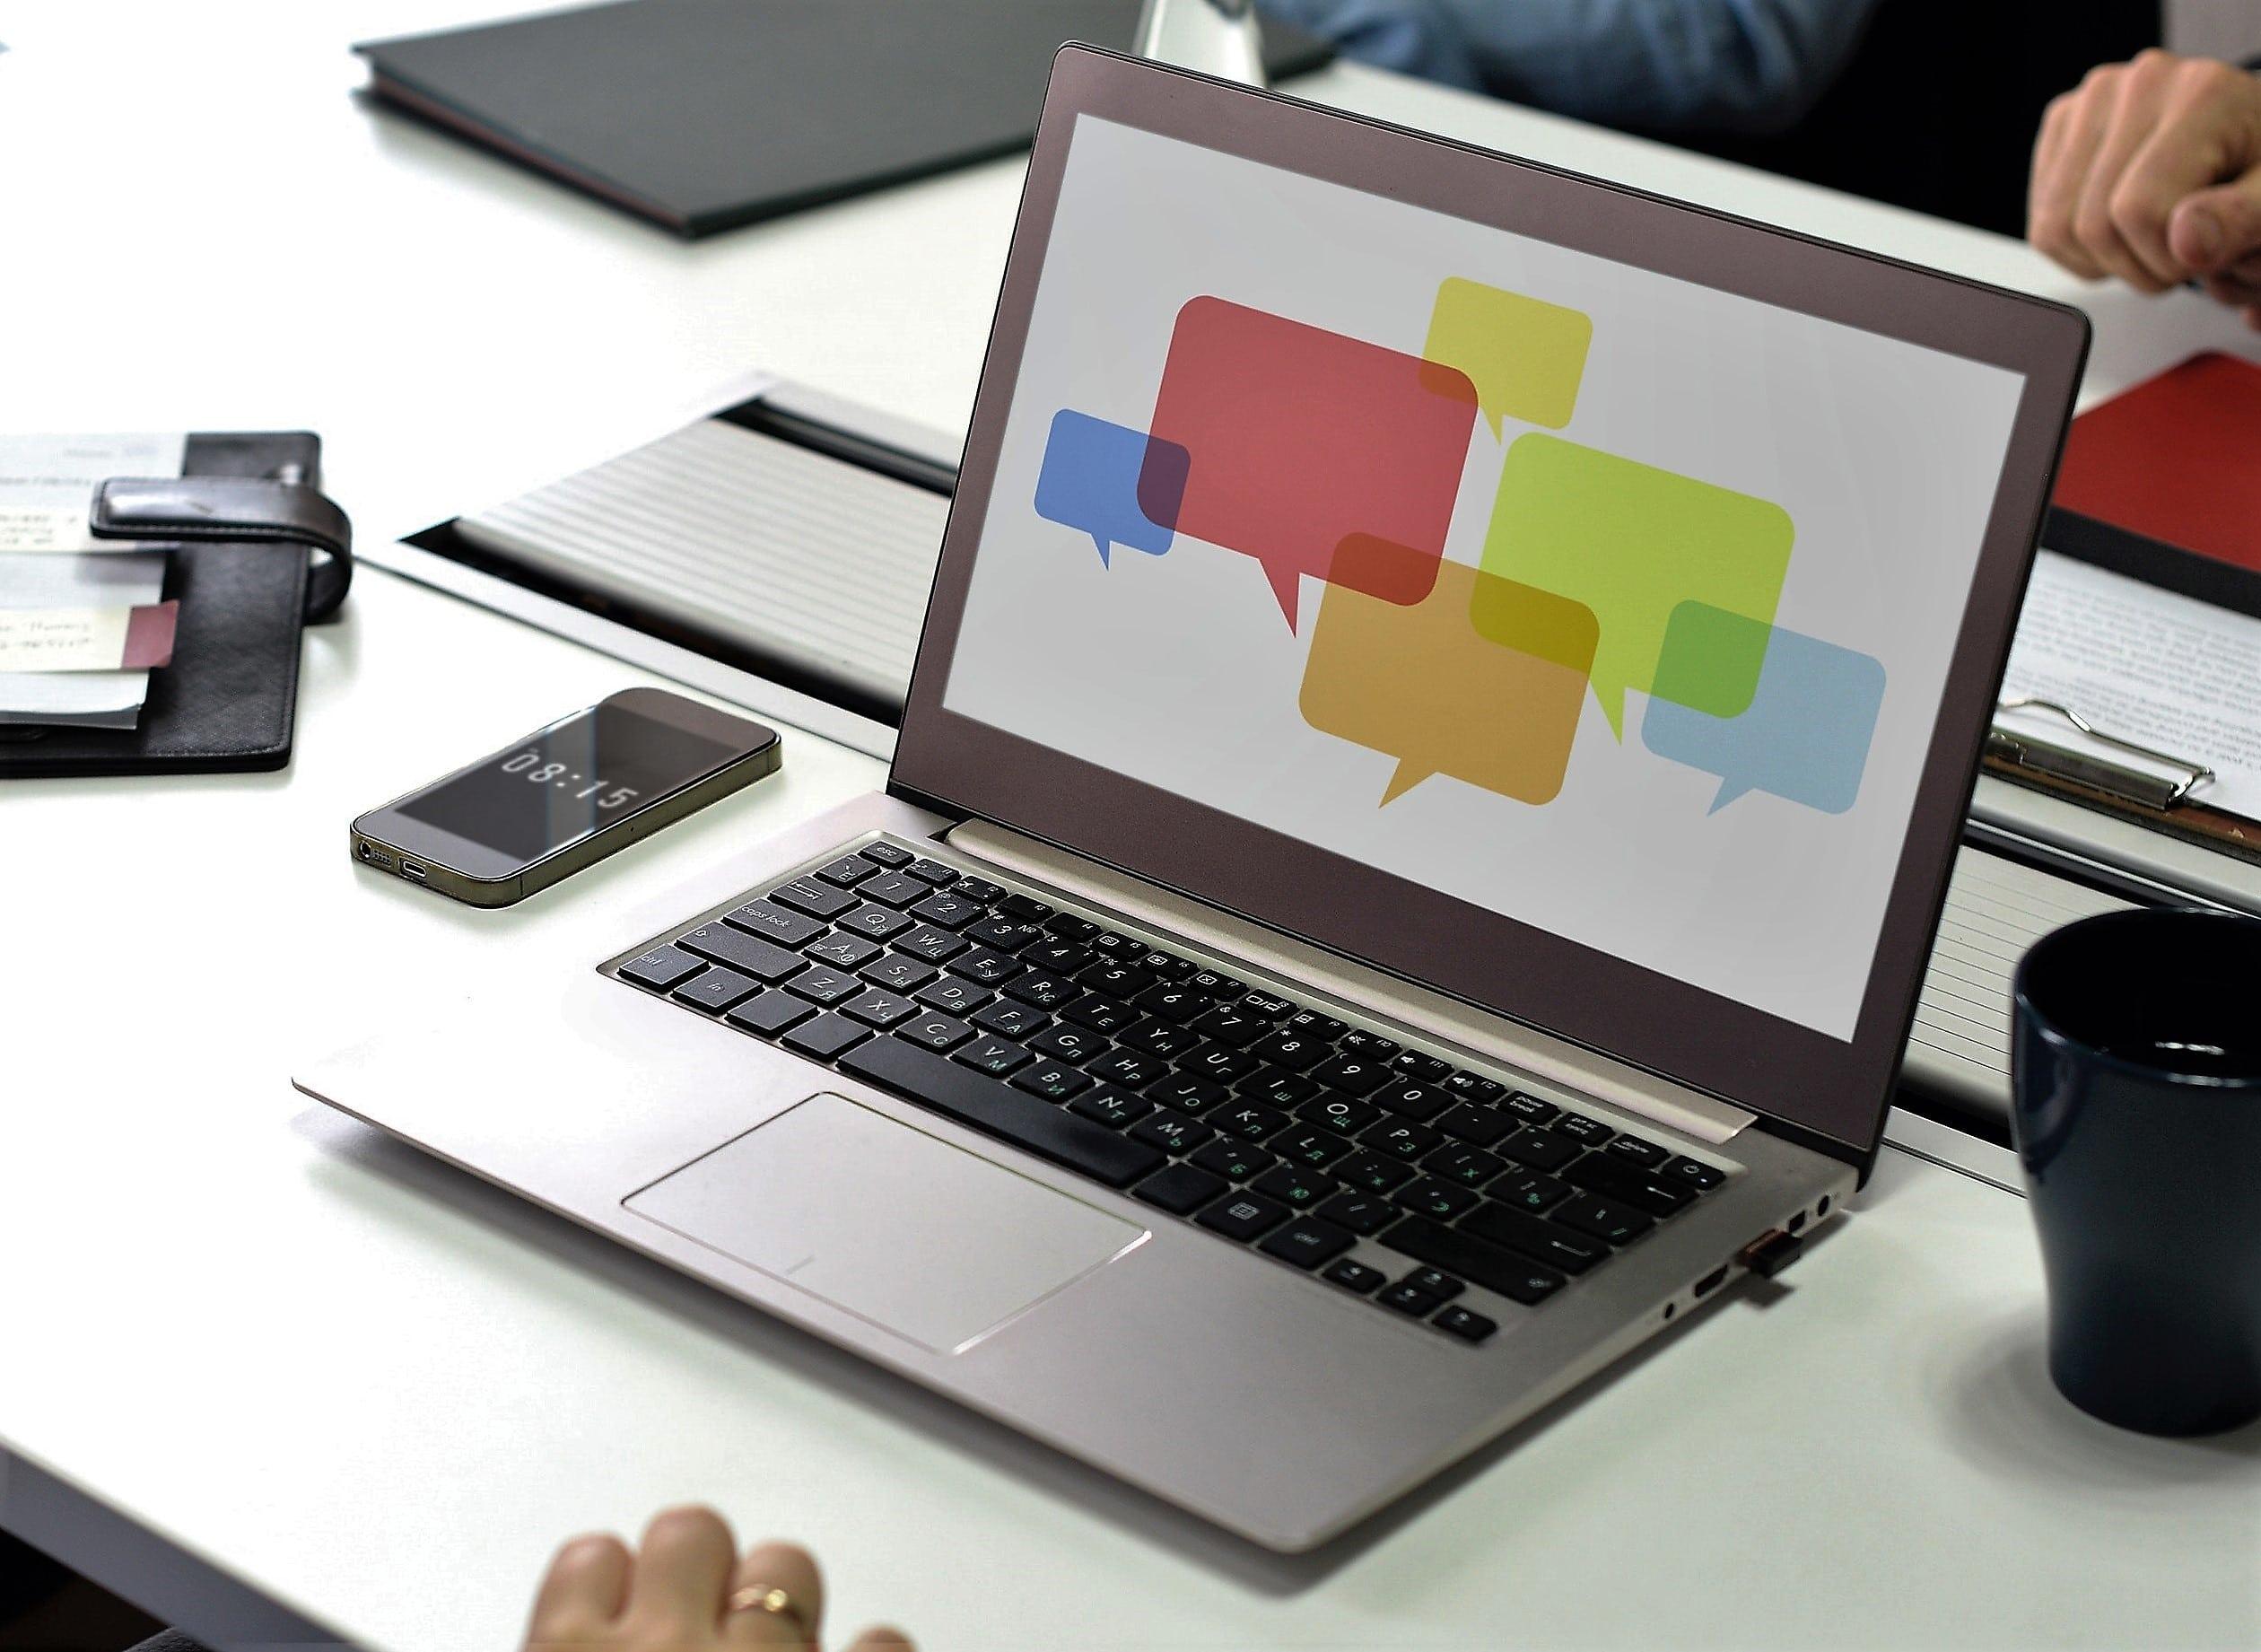 Wie Sie Kollegen anregen im Social Intranet Diskussionen zu führen